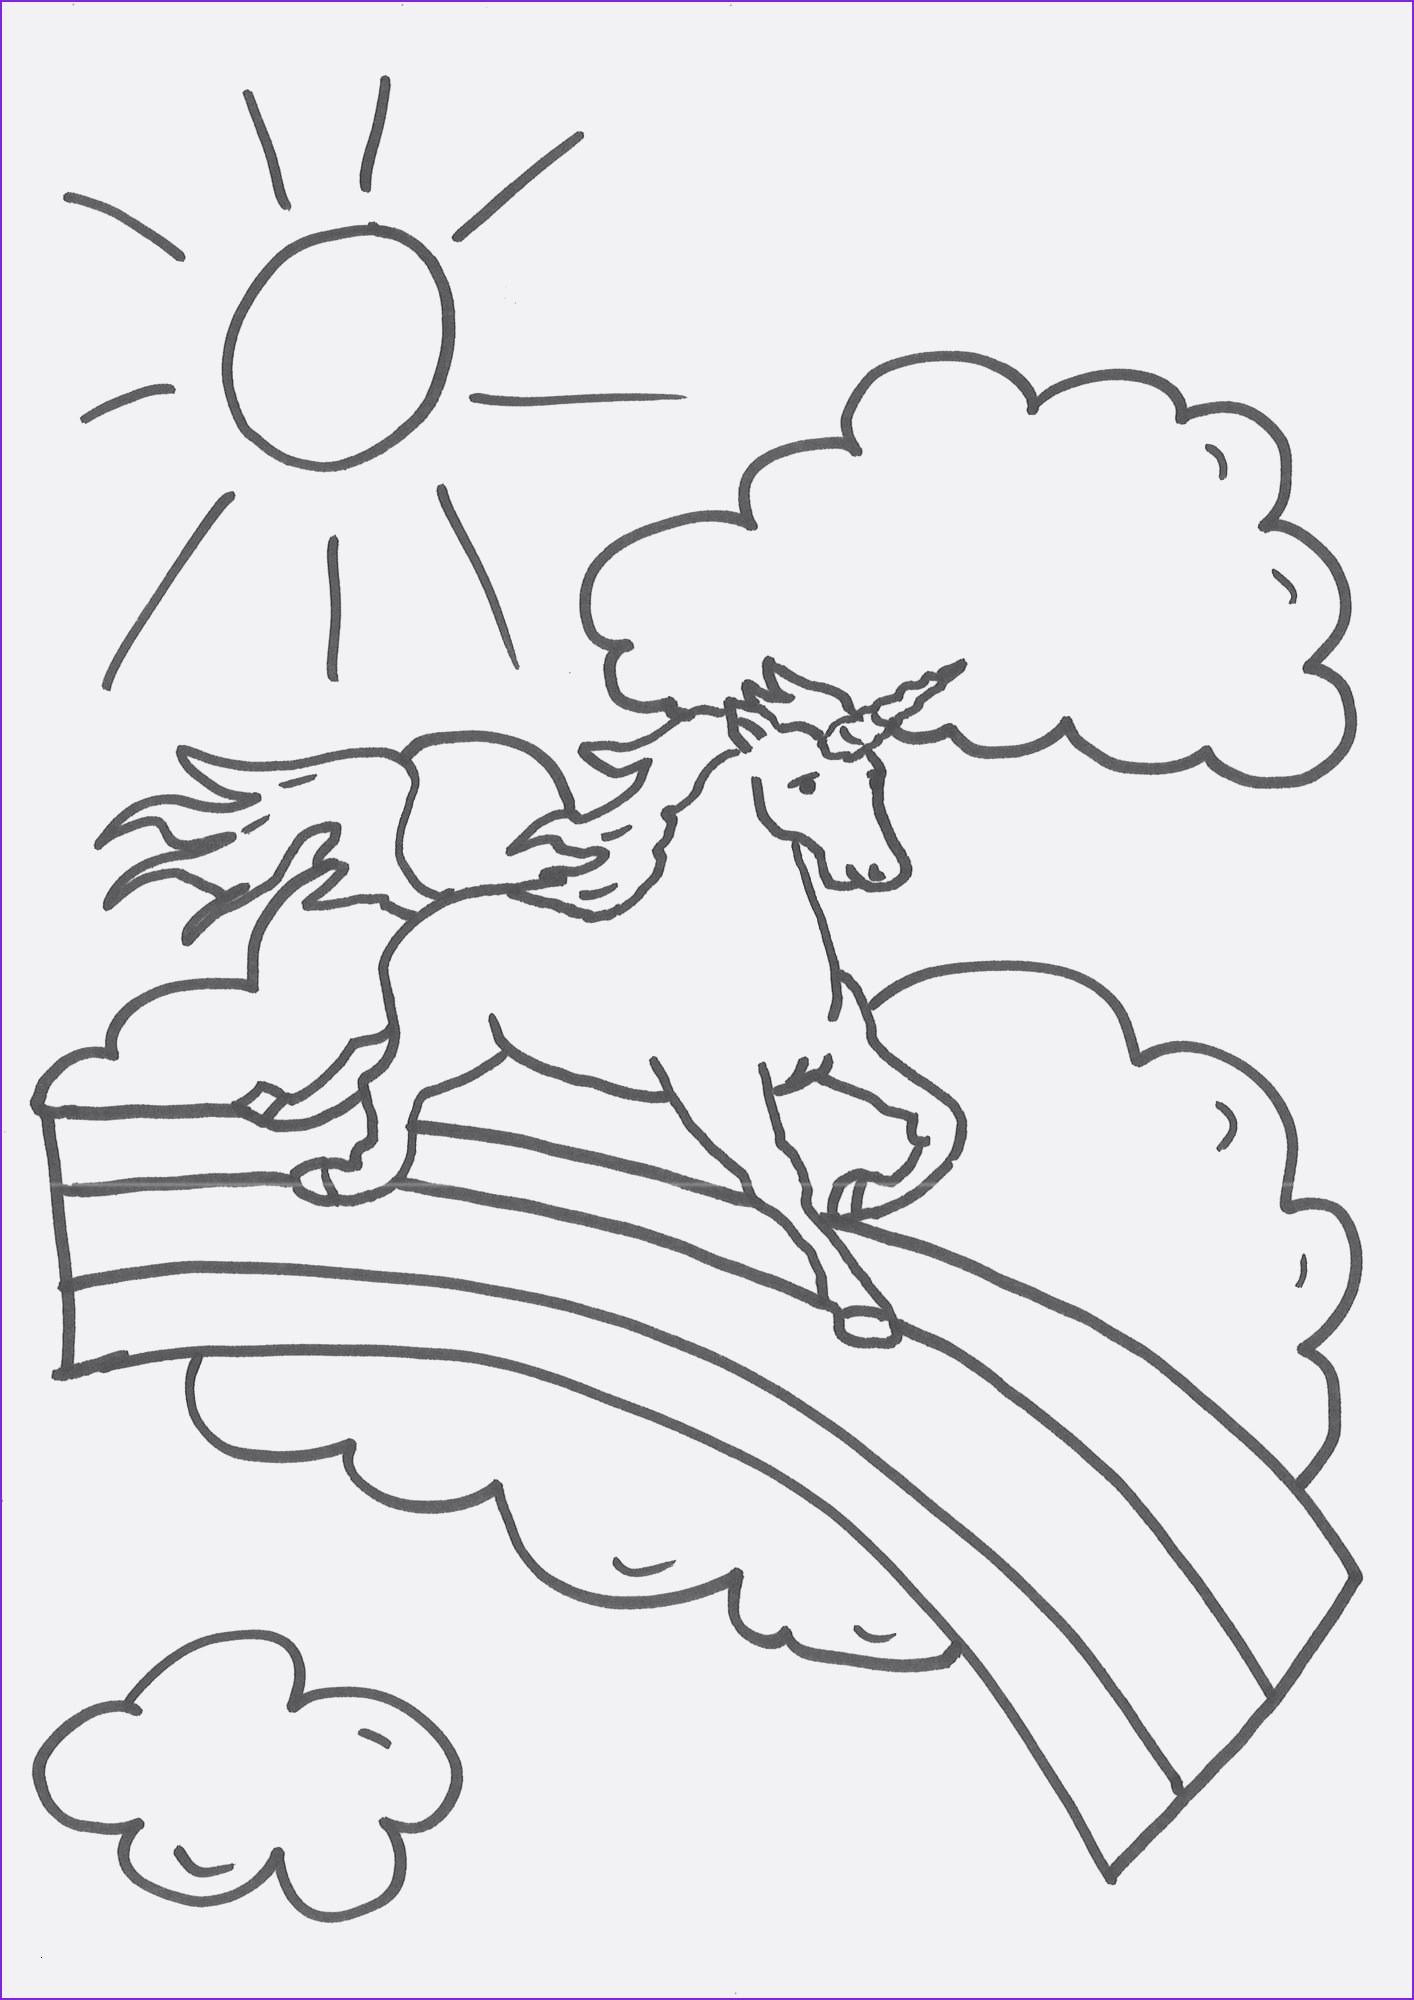 Ausmalbilder Filly Pferde Neu 45 Luxus Malvorlagen Filly Pferde Mickeycarrollmunchkin Das Bild